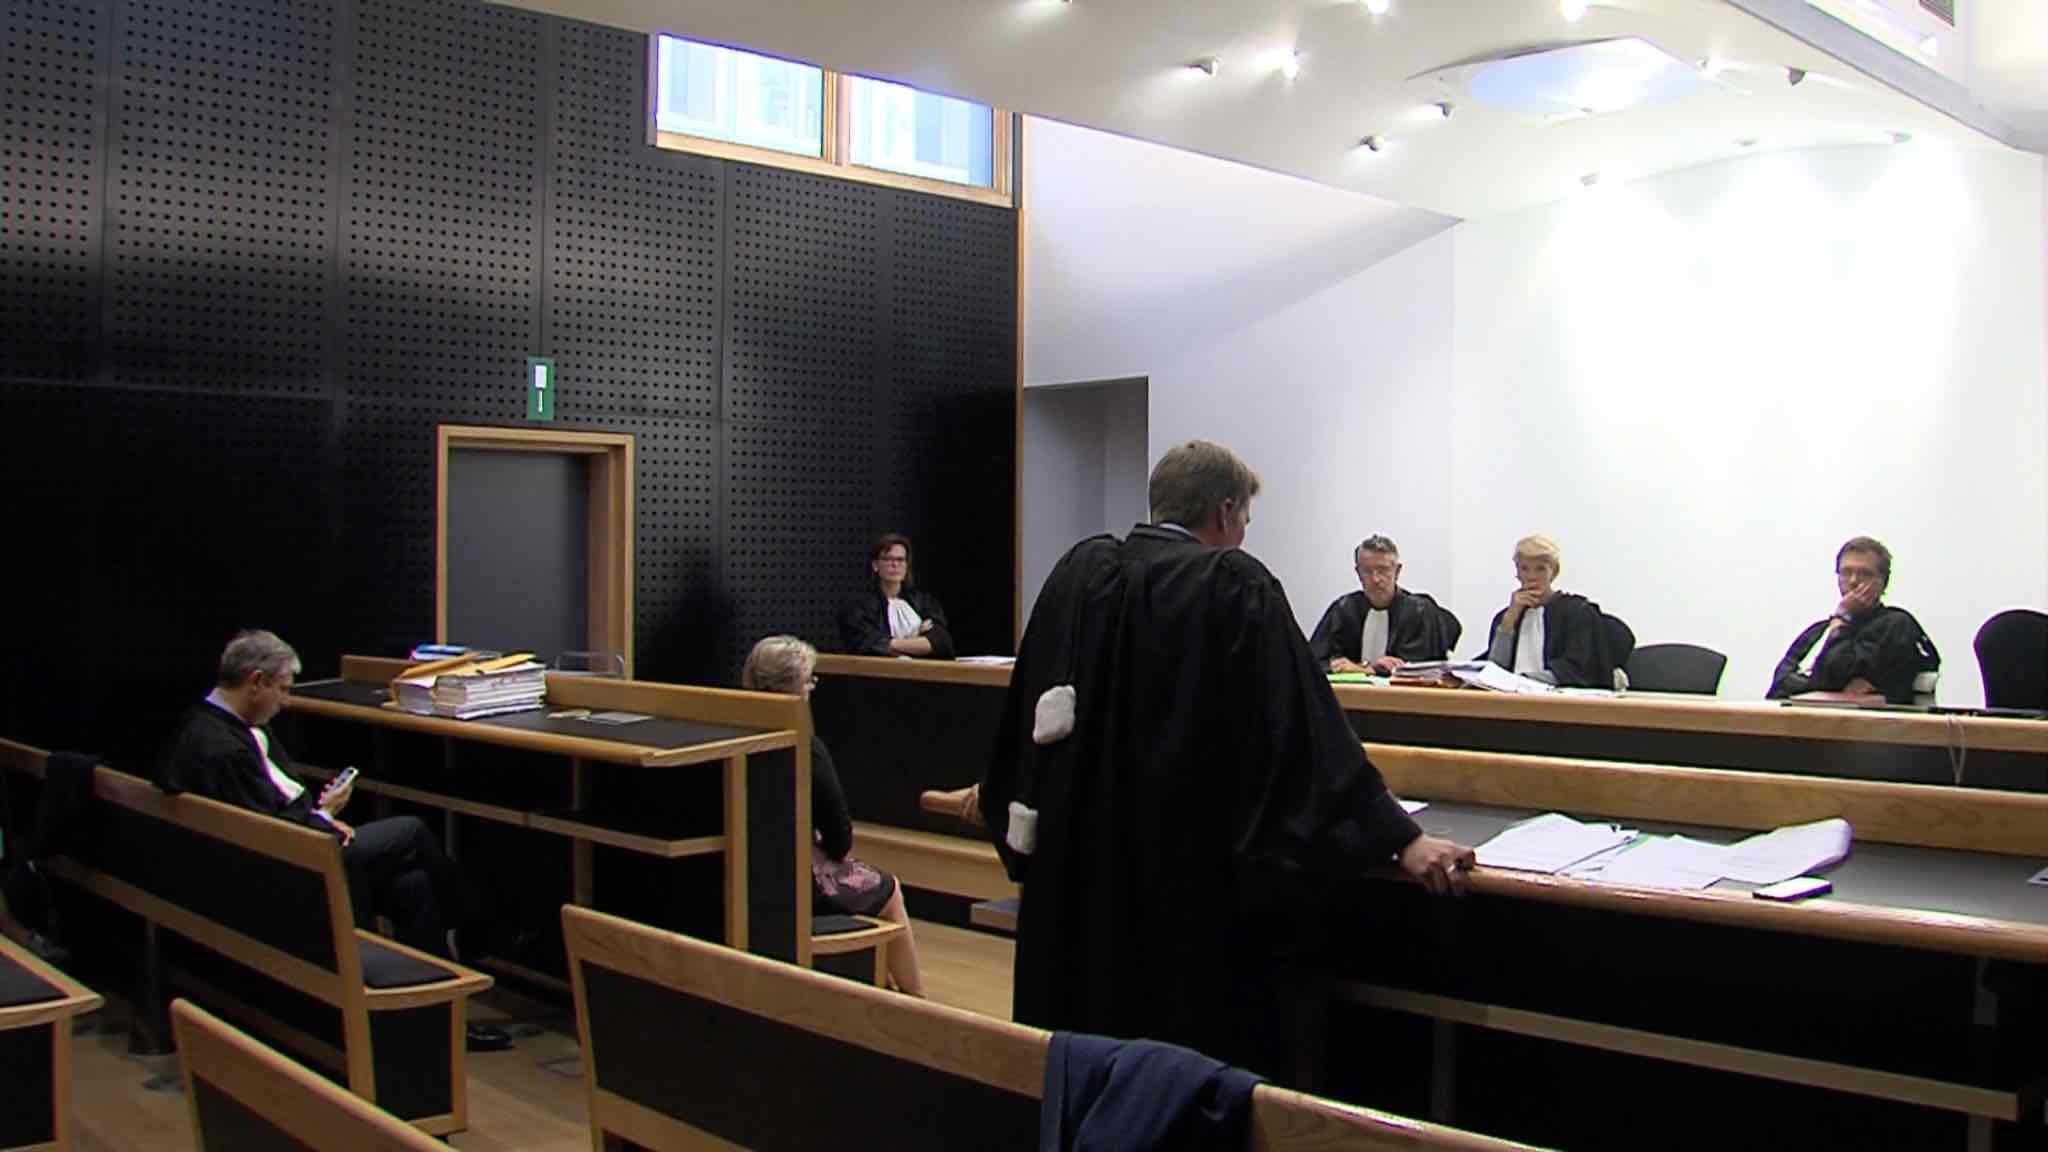 Daniel Bernard devant la cour d'appel du Hainaut